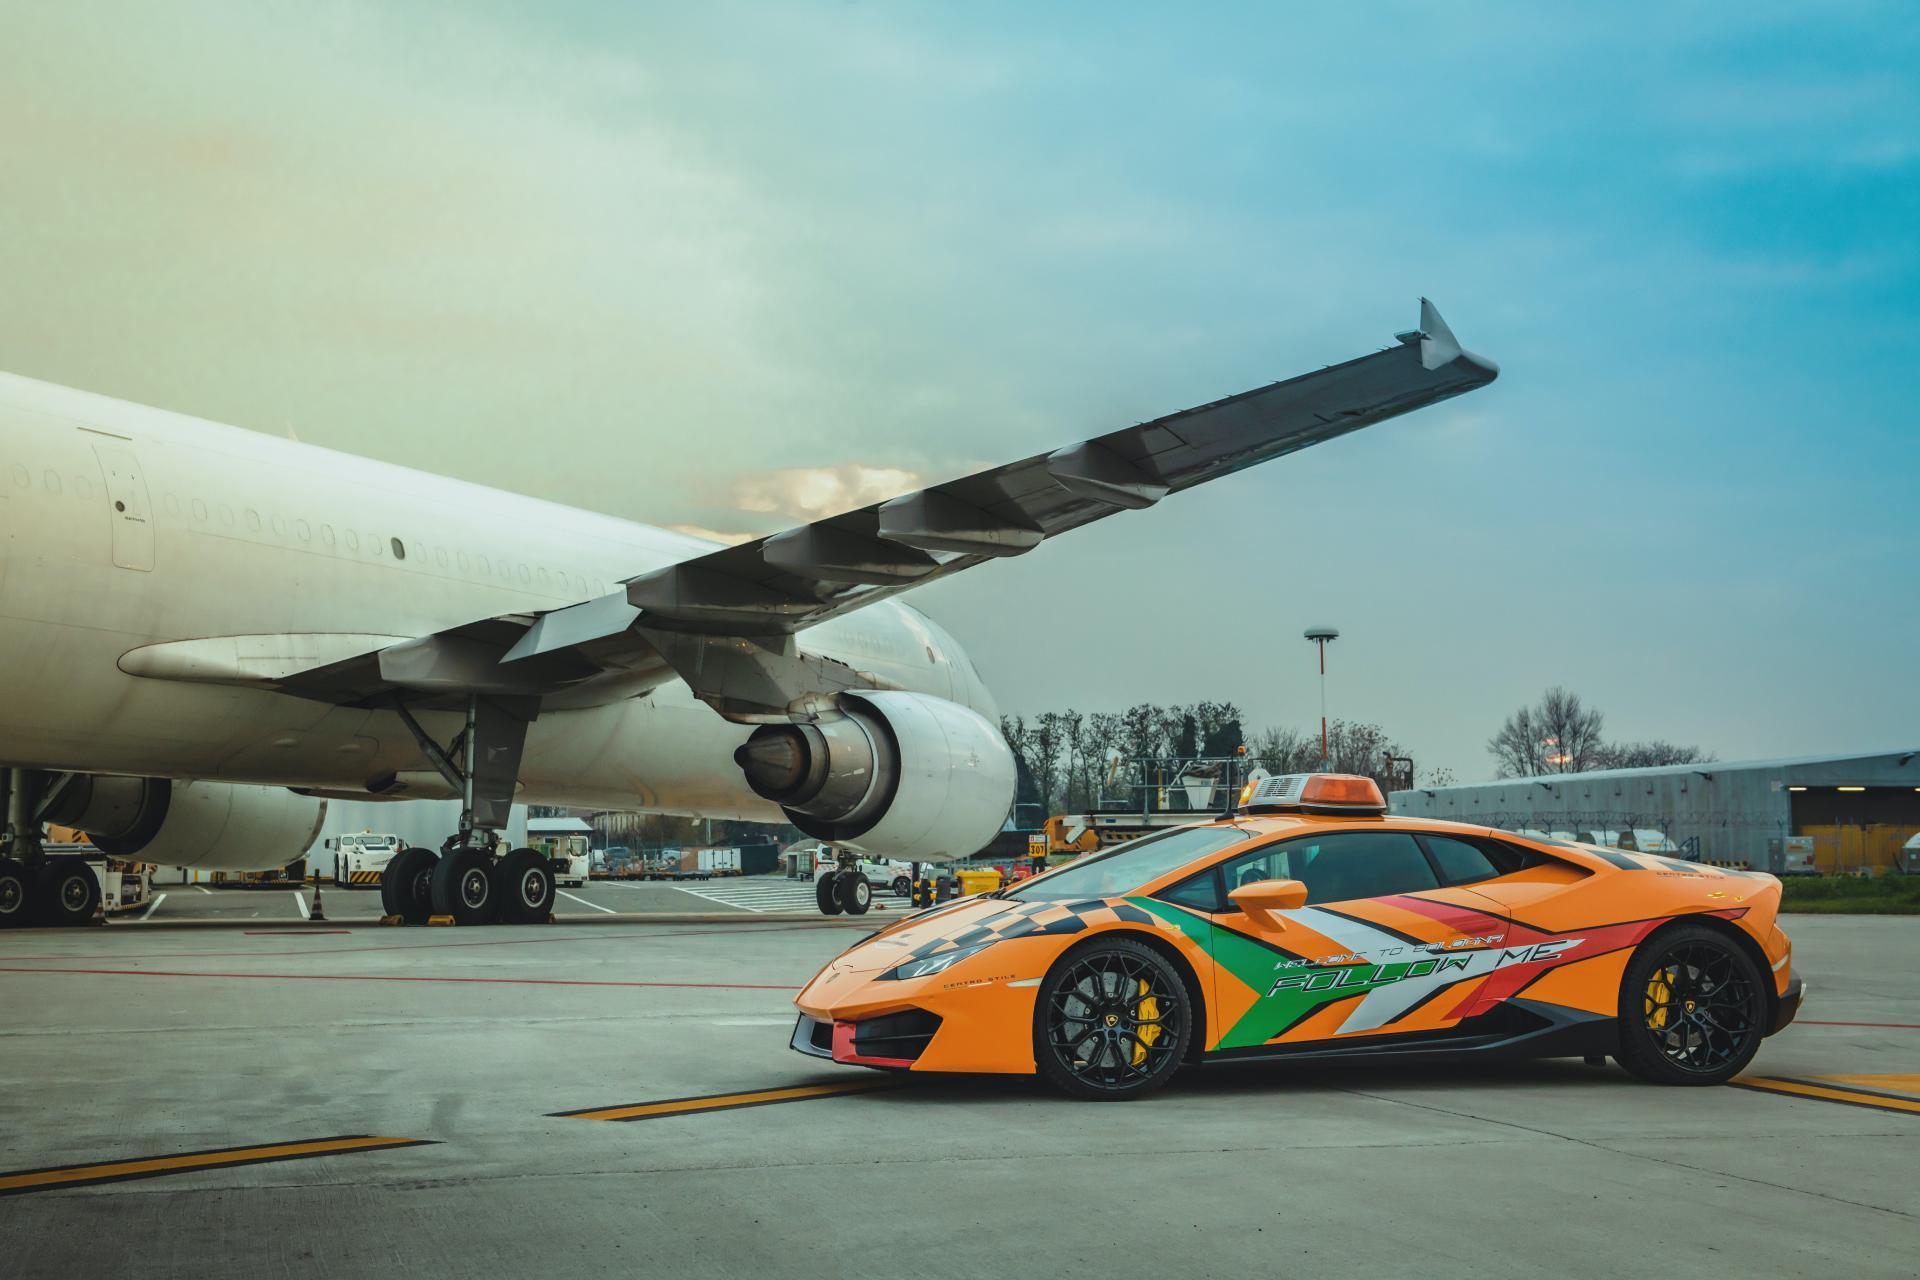 Lamborghini-Huracan-RWD-Follow-Me-Car-Bologna-Airport-4